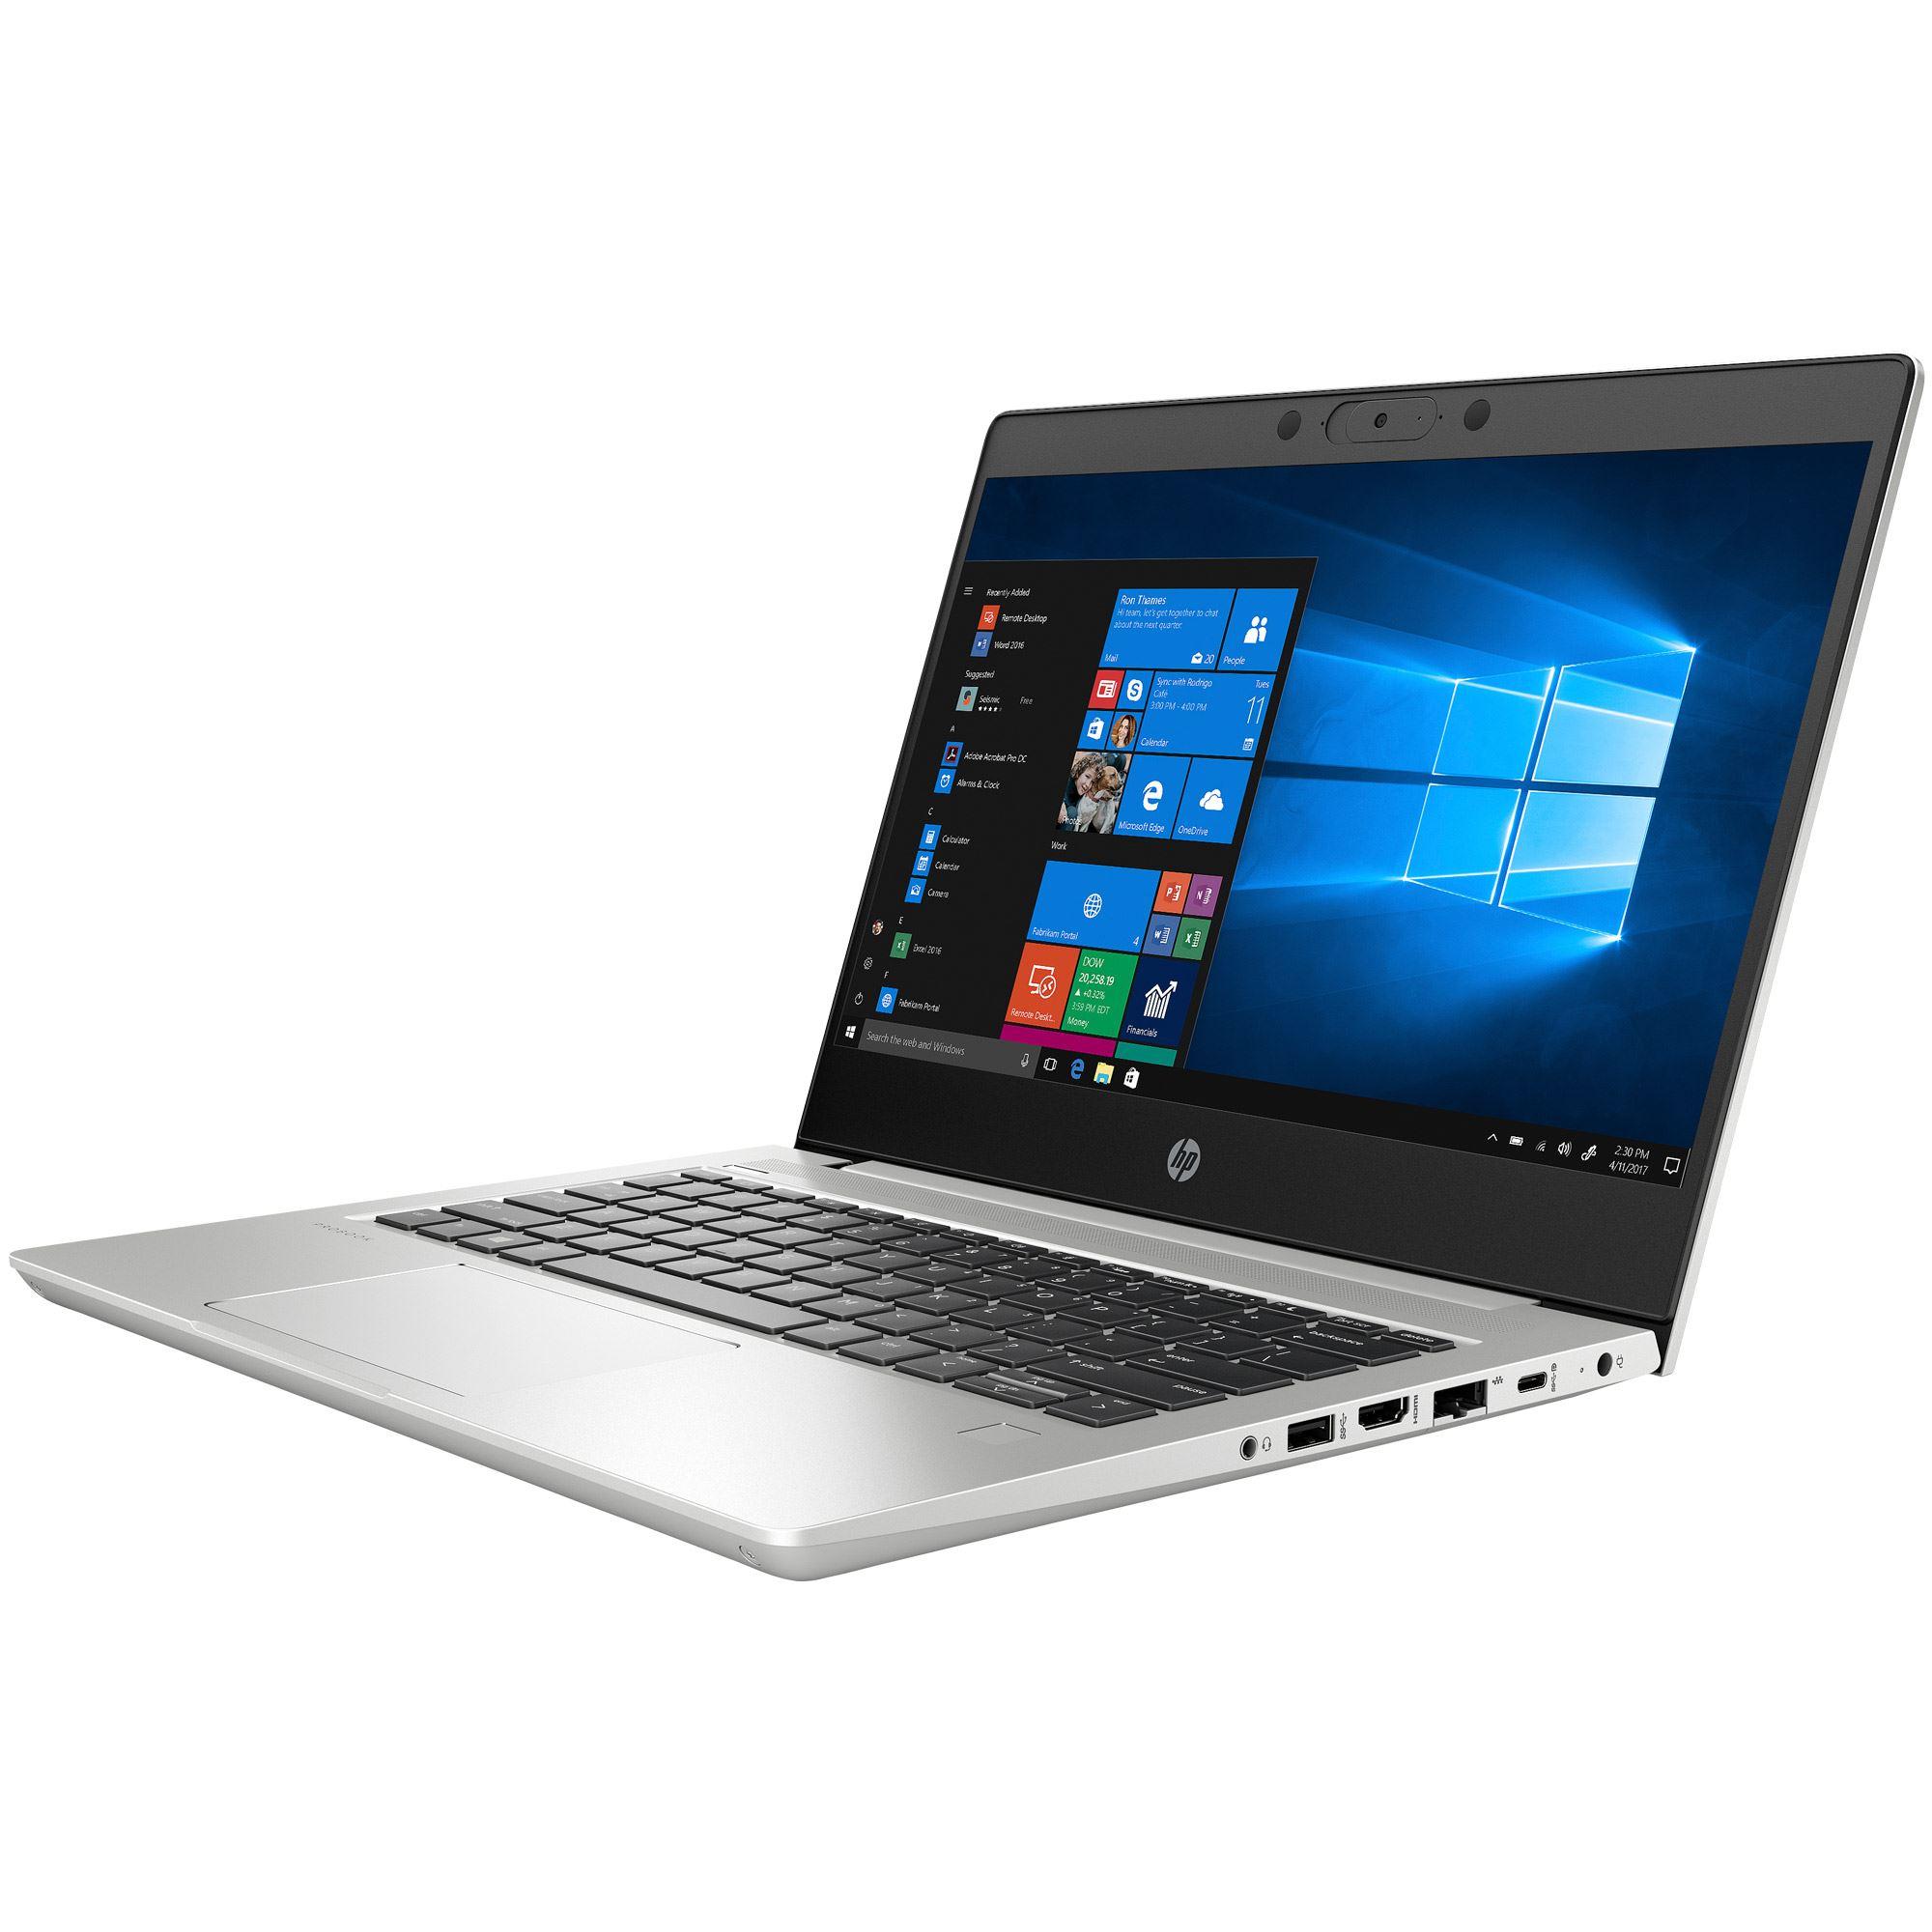 Probook-430-G7-3